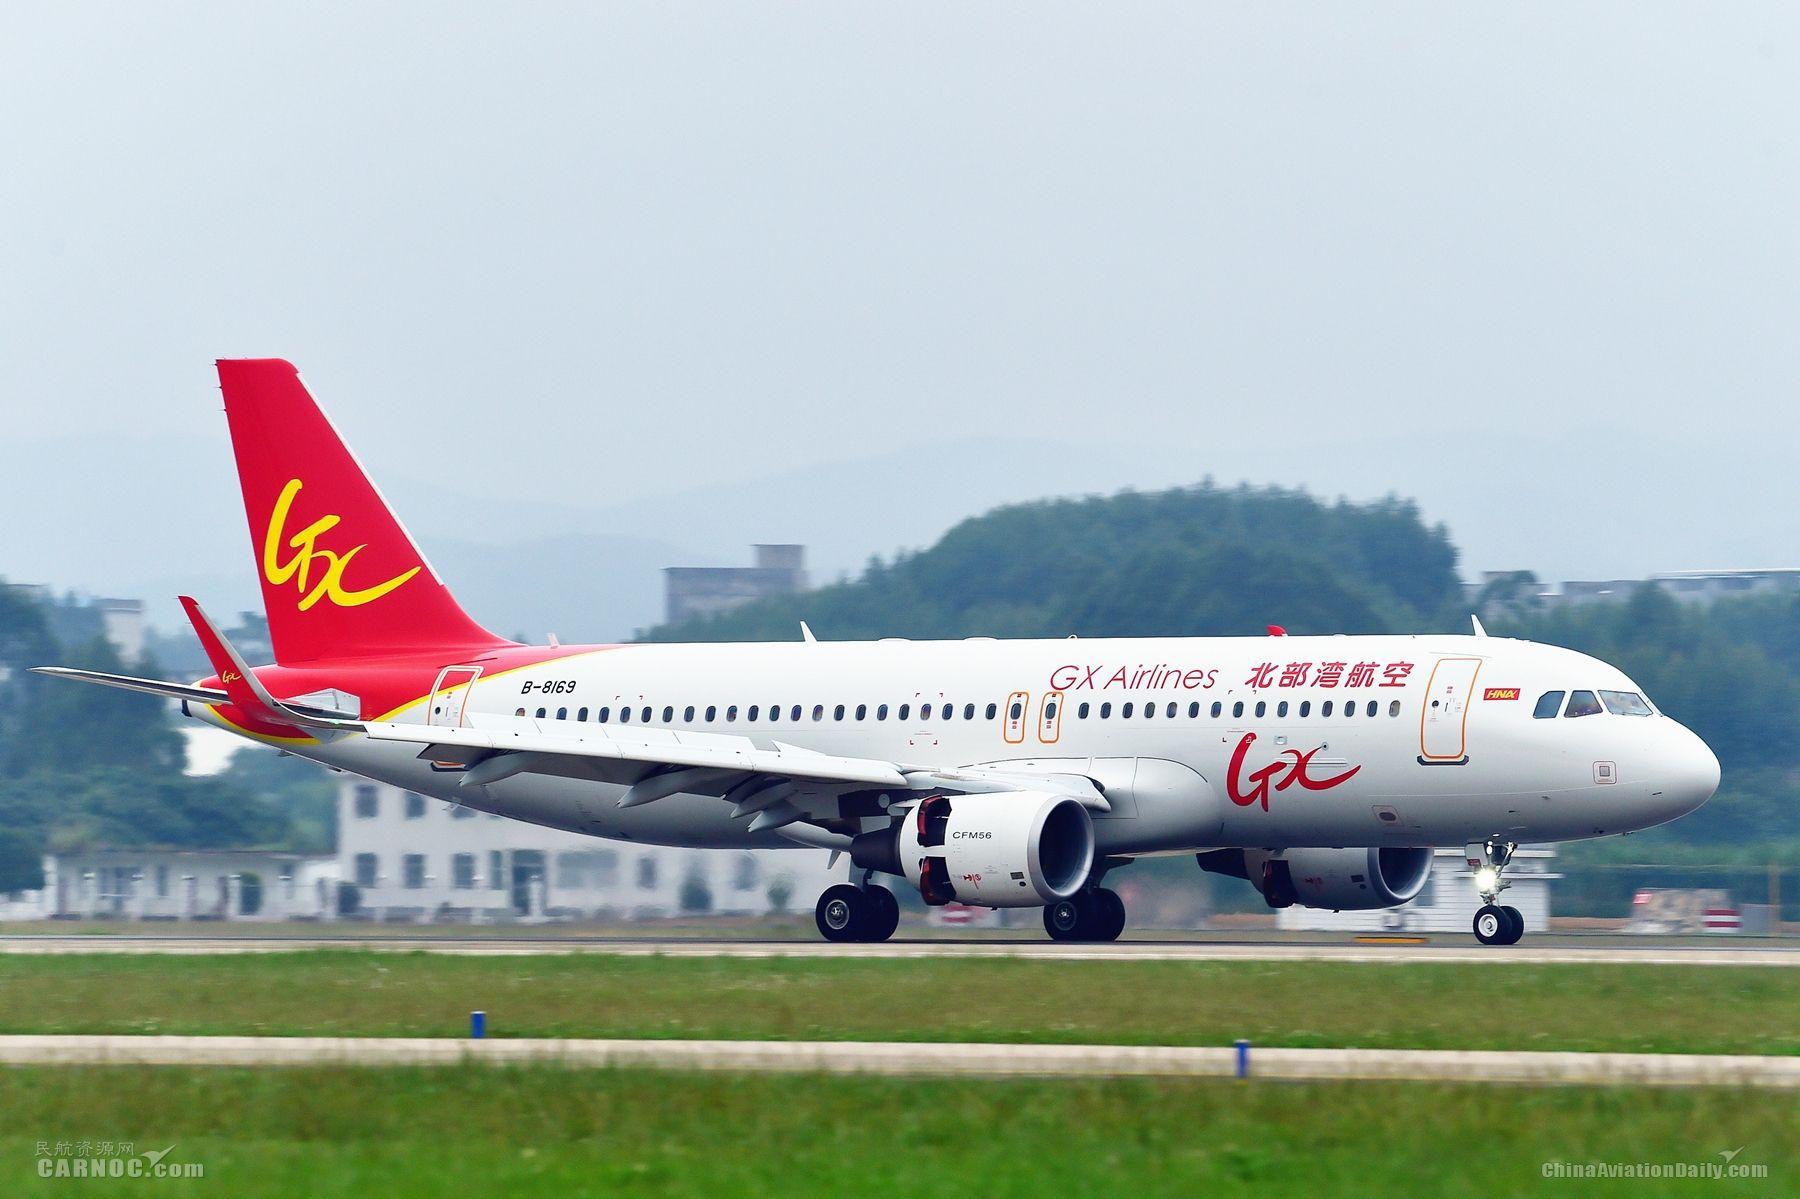 北部湾航空获政府增资 海航继续输出航空运营管理